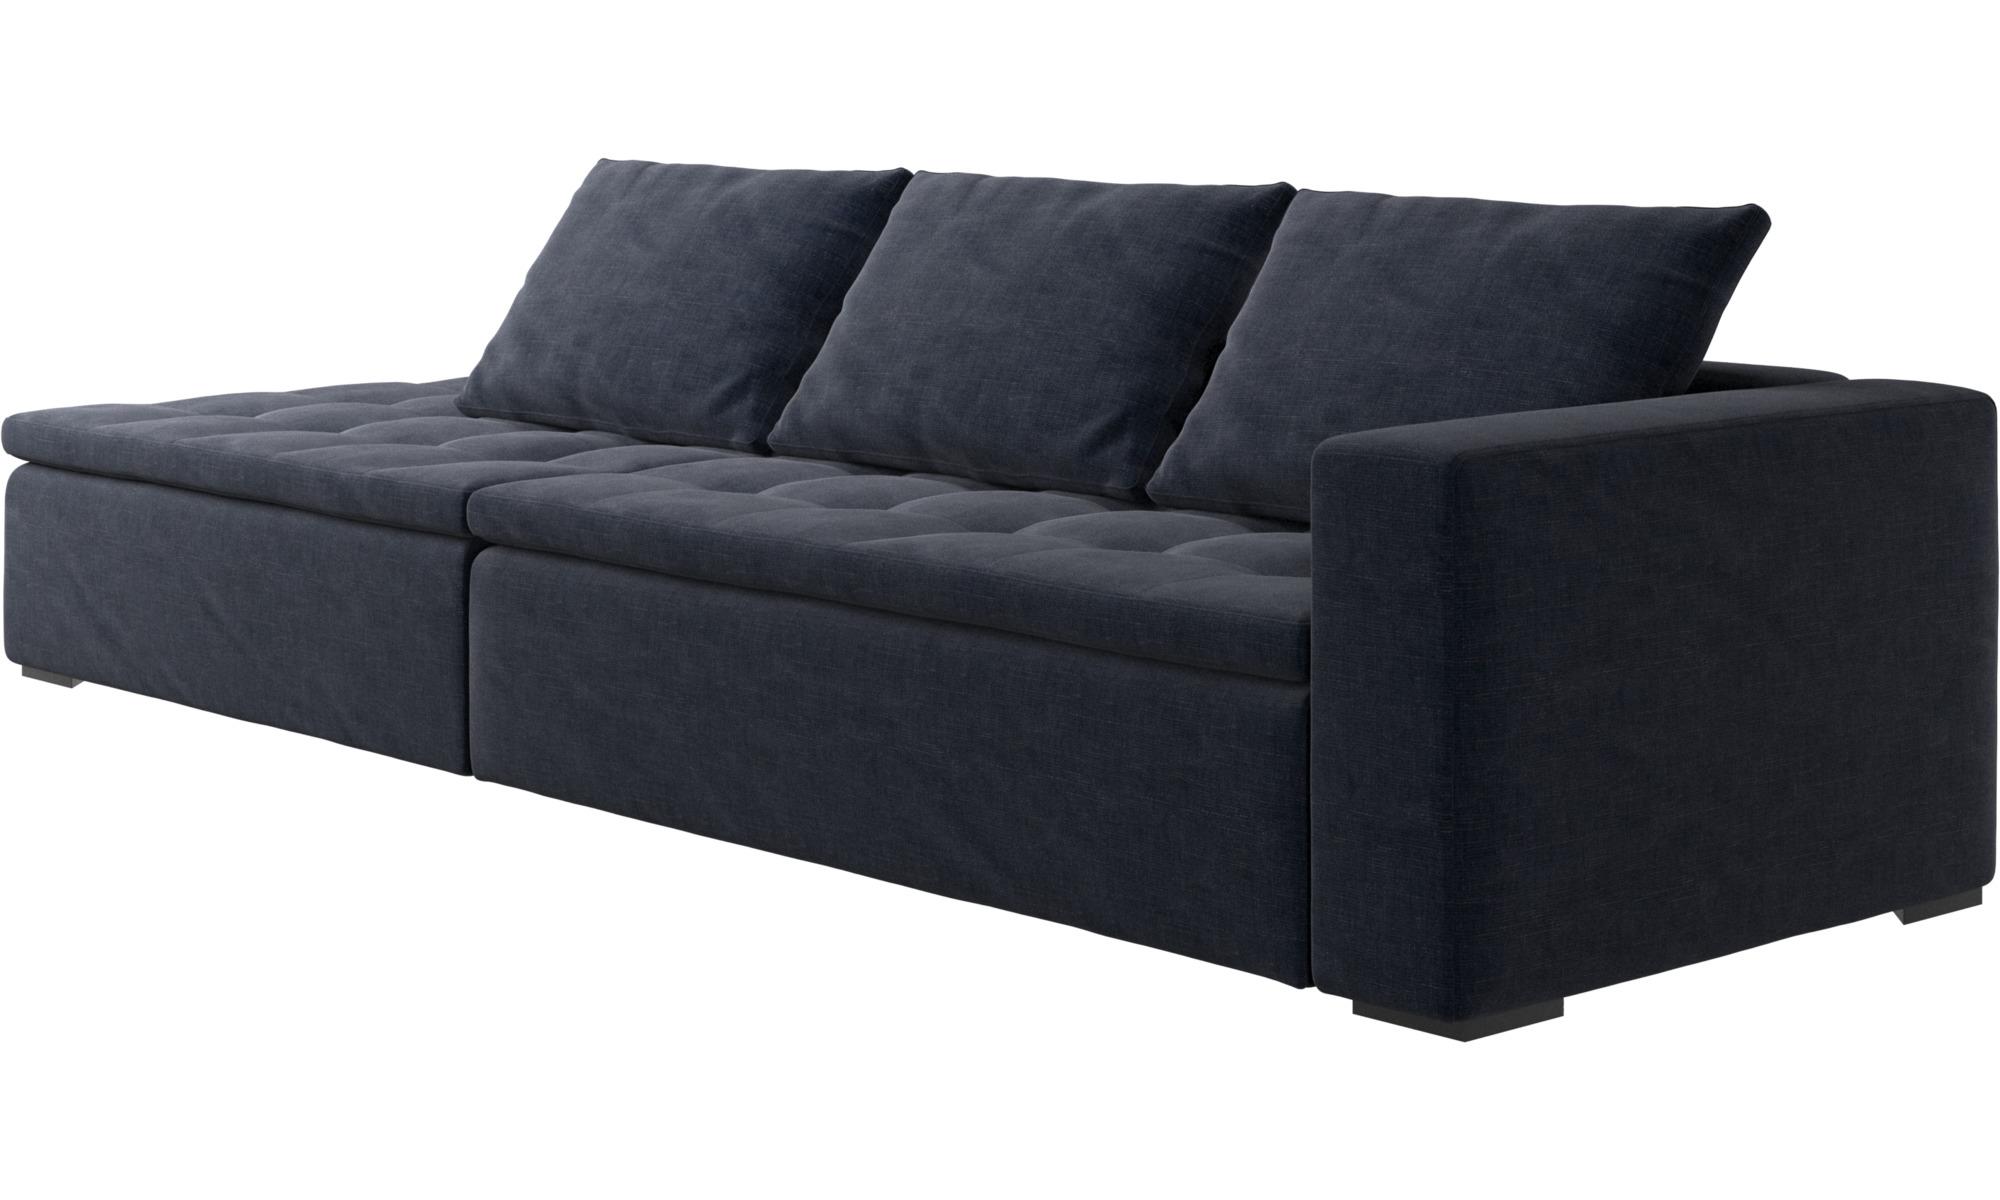 Una textura sofisticada sof mezzo con m dulo de - Sofas de descanso ...